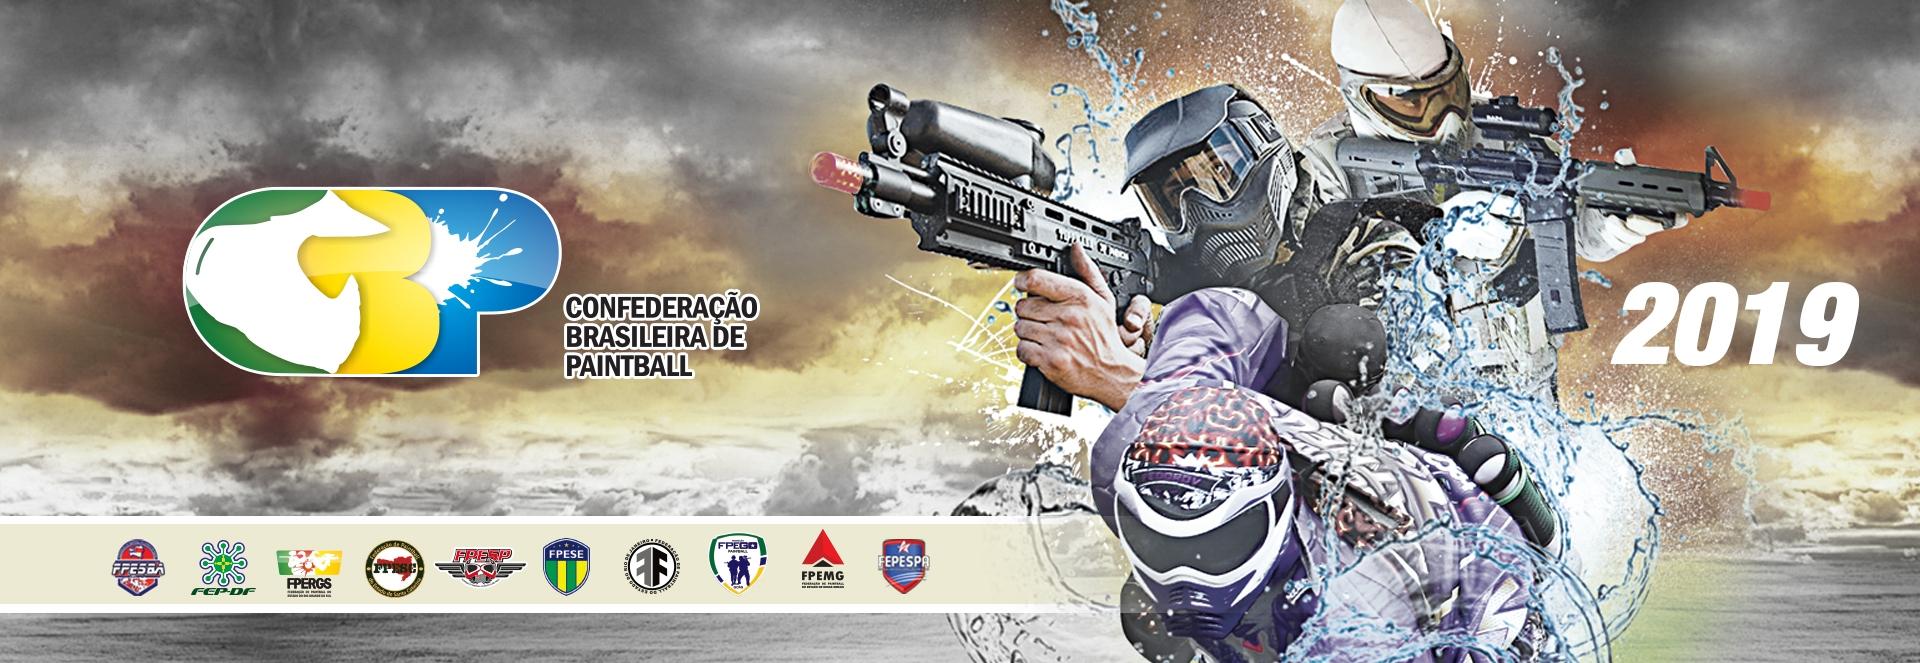 Confederção Brasileira de Paintball